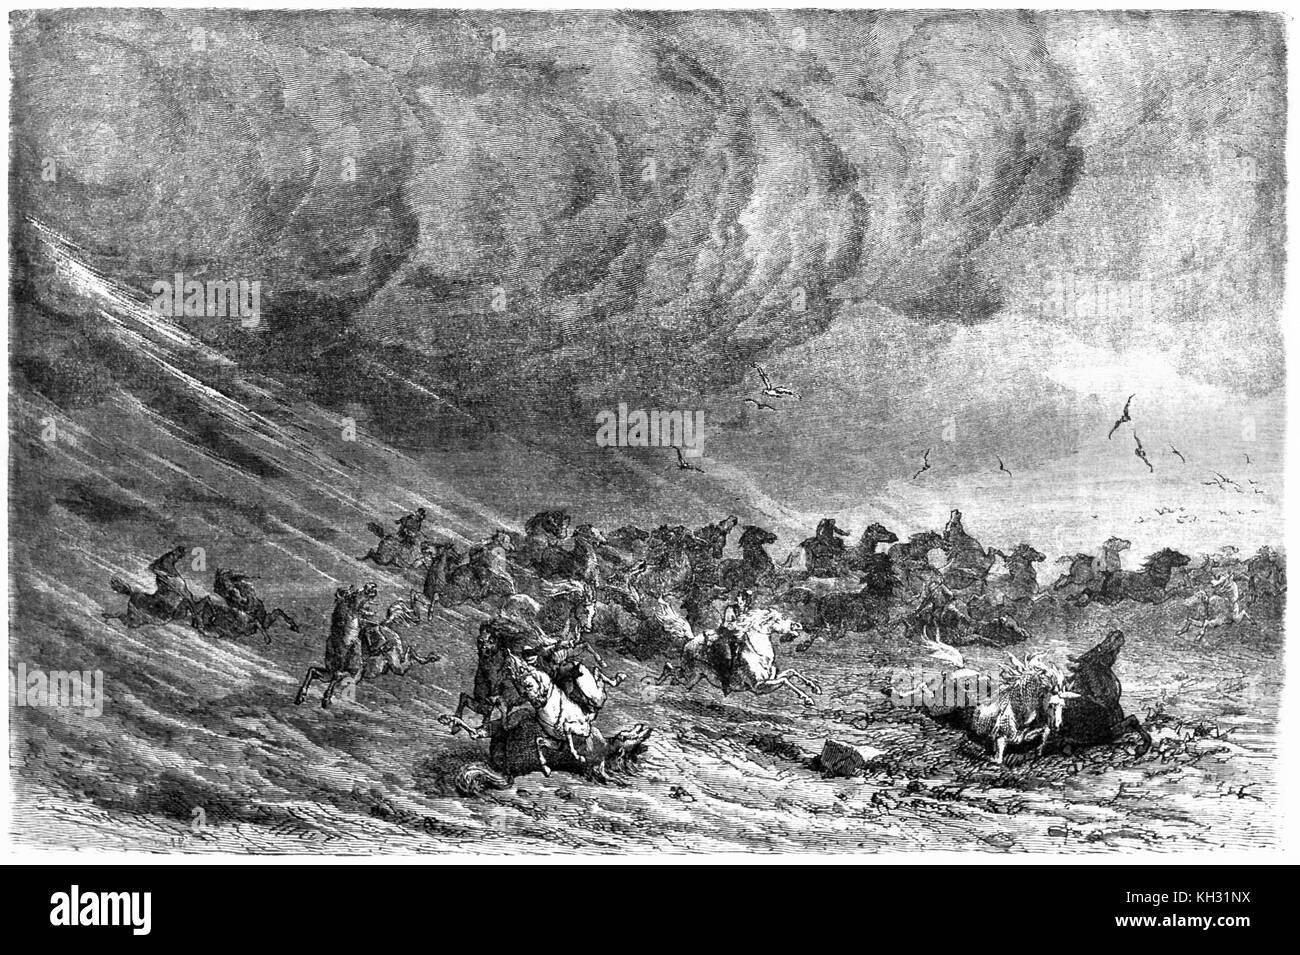 Old view of sandstorm in Mongolian steppe. By D'Argent after Atkinson, publ. on le Tour du Monde, Paris, 1863 - Stock Image